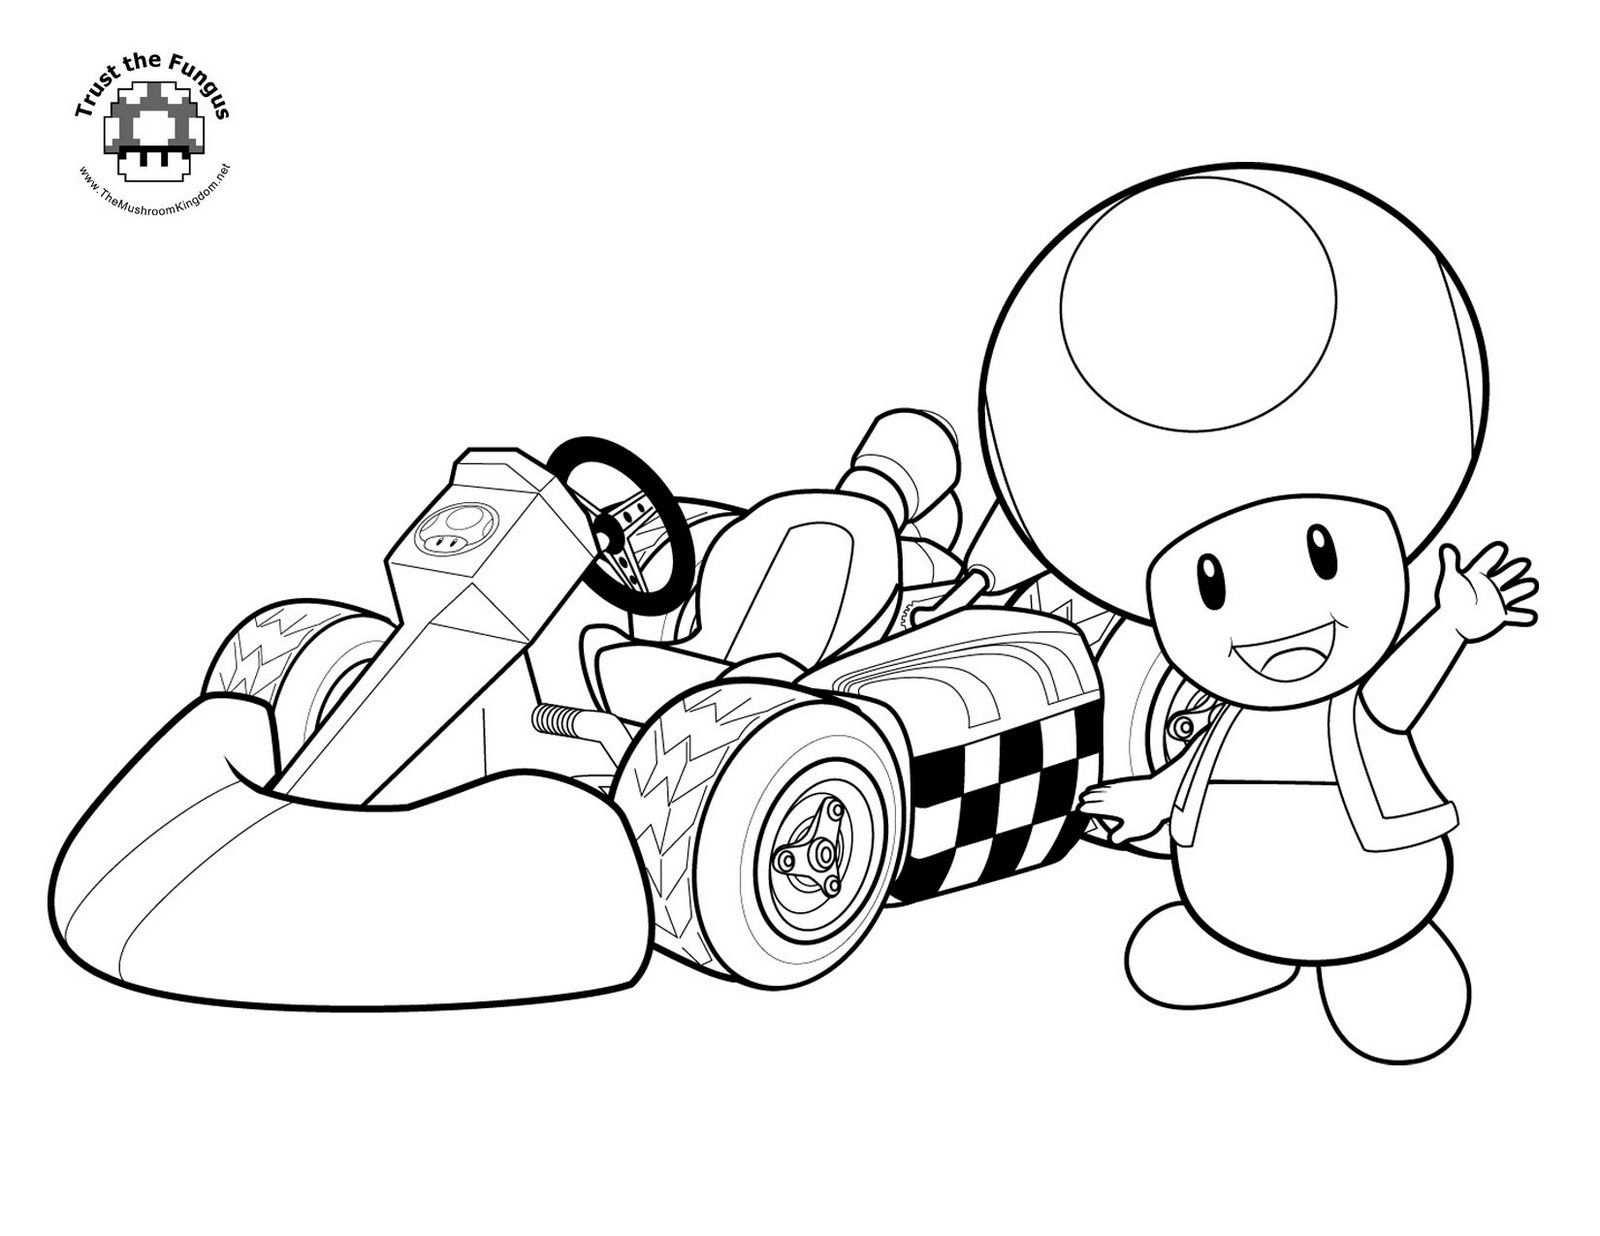 Printable Mario Coloring Pages Mario Coloring Pages Super Mario